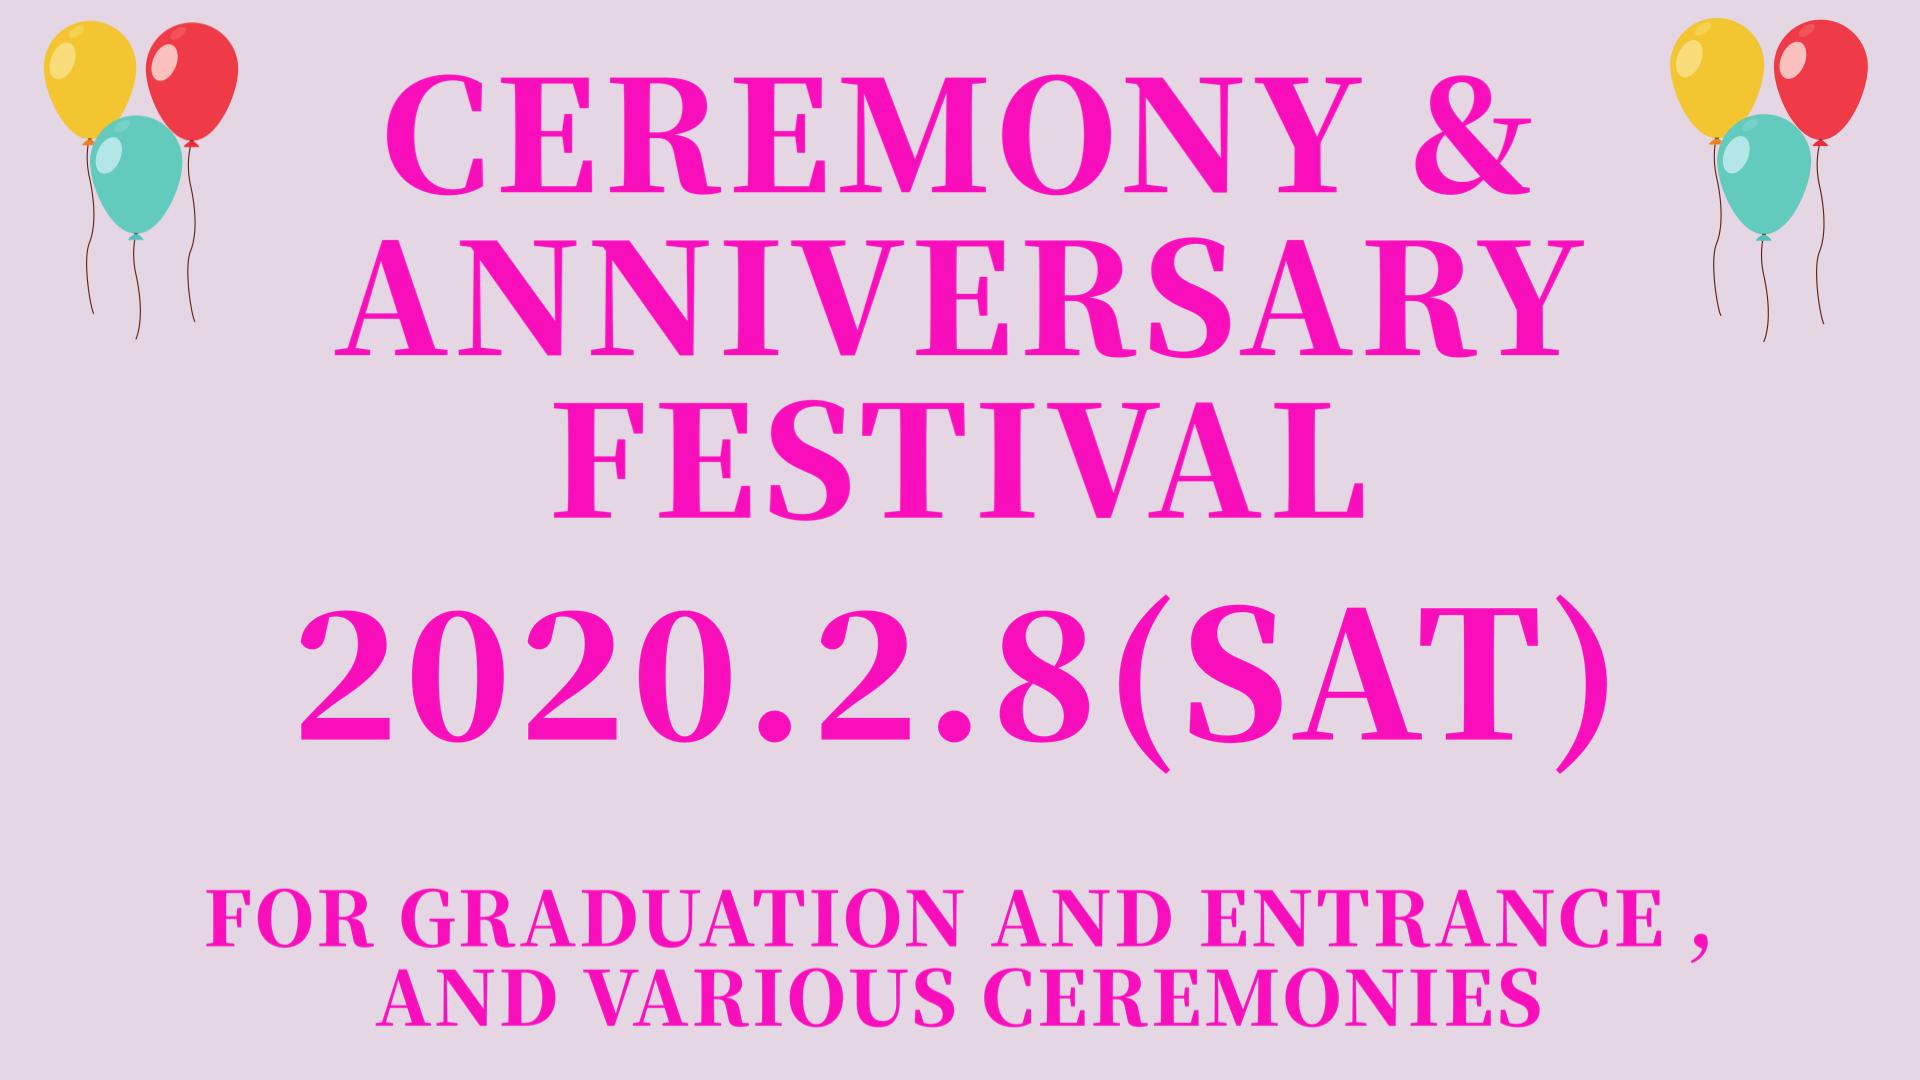 2月8日は撮影会!入園・入学・卒園・卒業に向けてセレモニー&アニバーサリーフェスティバル開催!